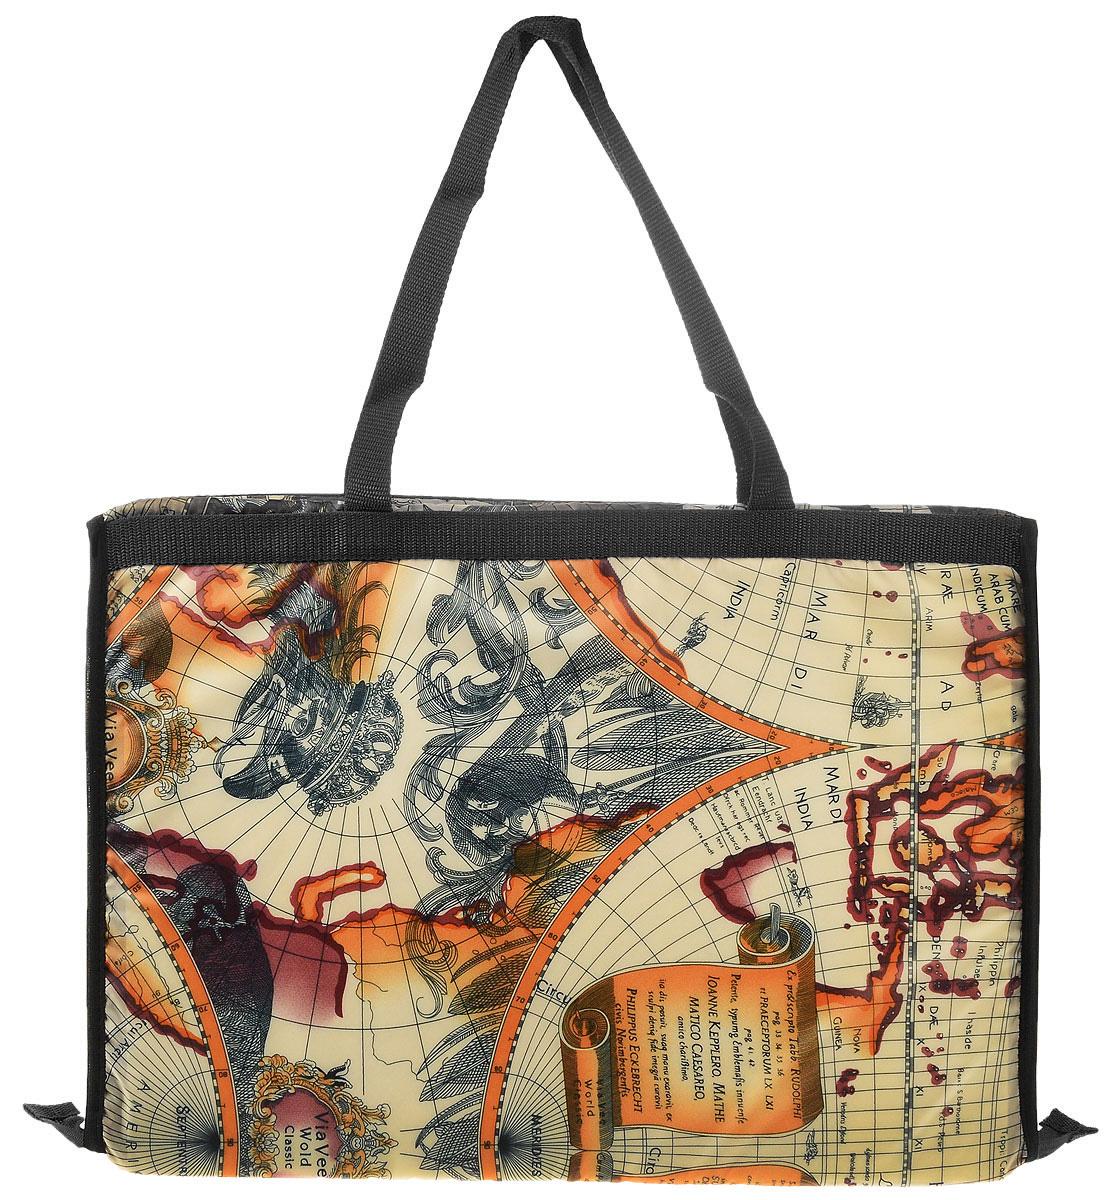 Сумка-коврик для пляжа Eva, цвет: черный, оранжевый, слоновая кость, 38 х 52 см коврик для пляжа соломенный купить